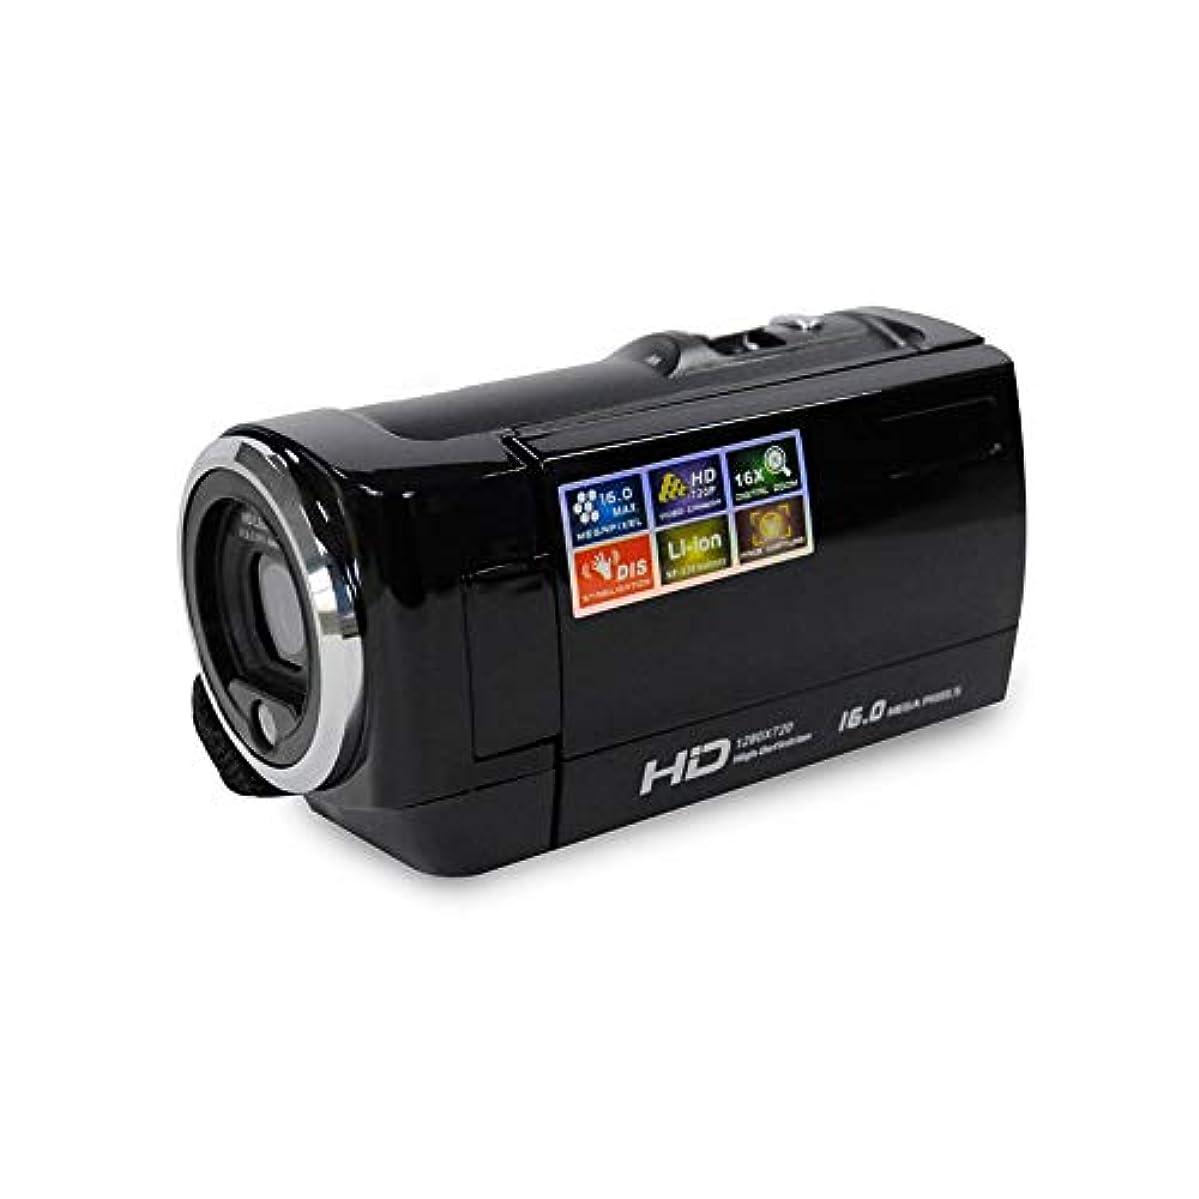 ますます給料ただやるTOPmountain 16MpデジタルカメラスポーツカメラHD 1080P Dvカメラ、ポータブル2.7 Lcd HDカメラビデオDvr屋外用(ブラック)